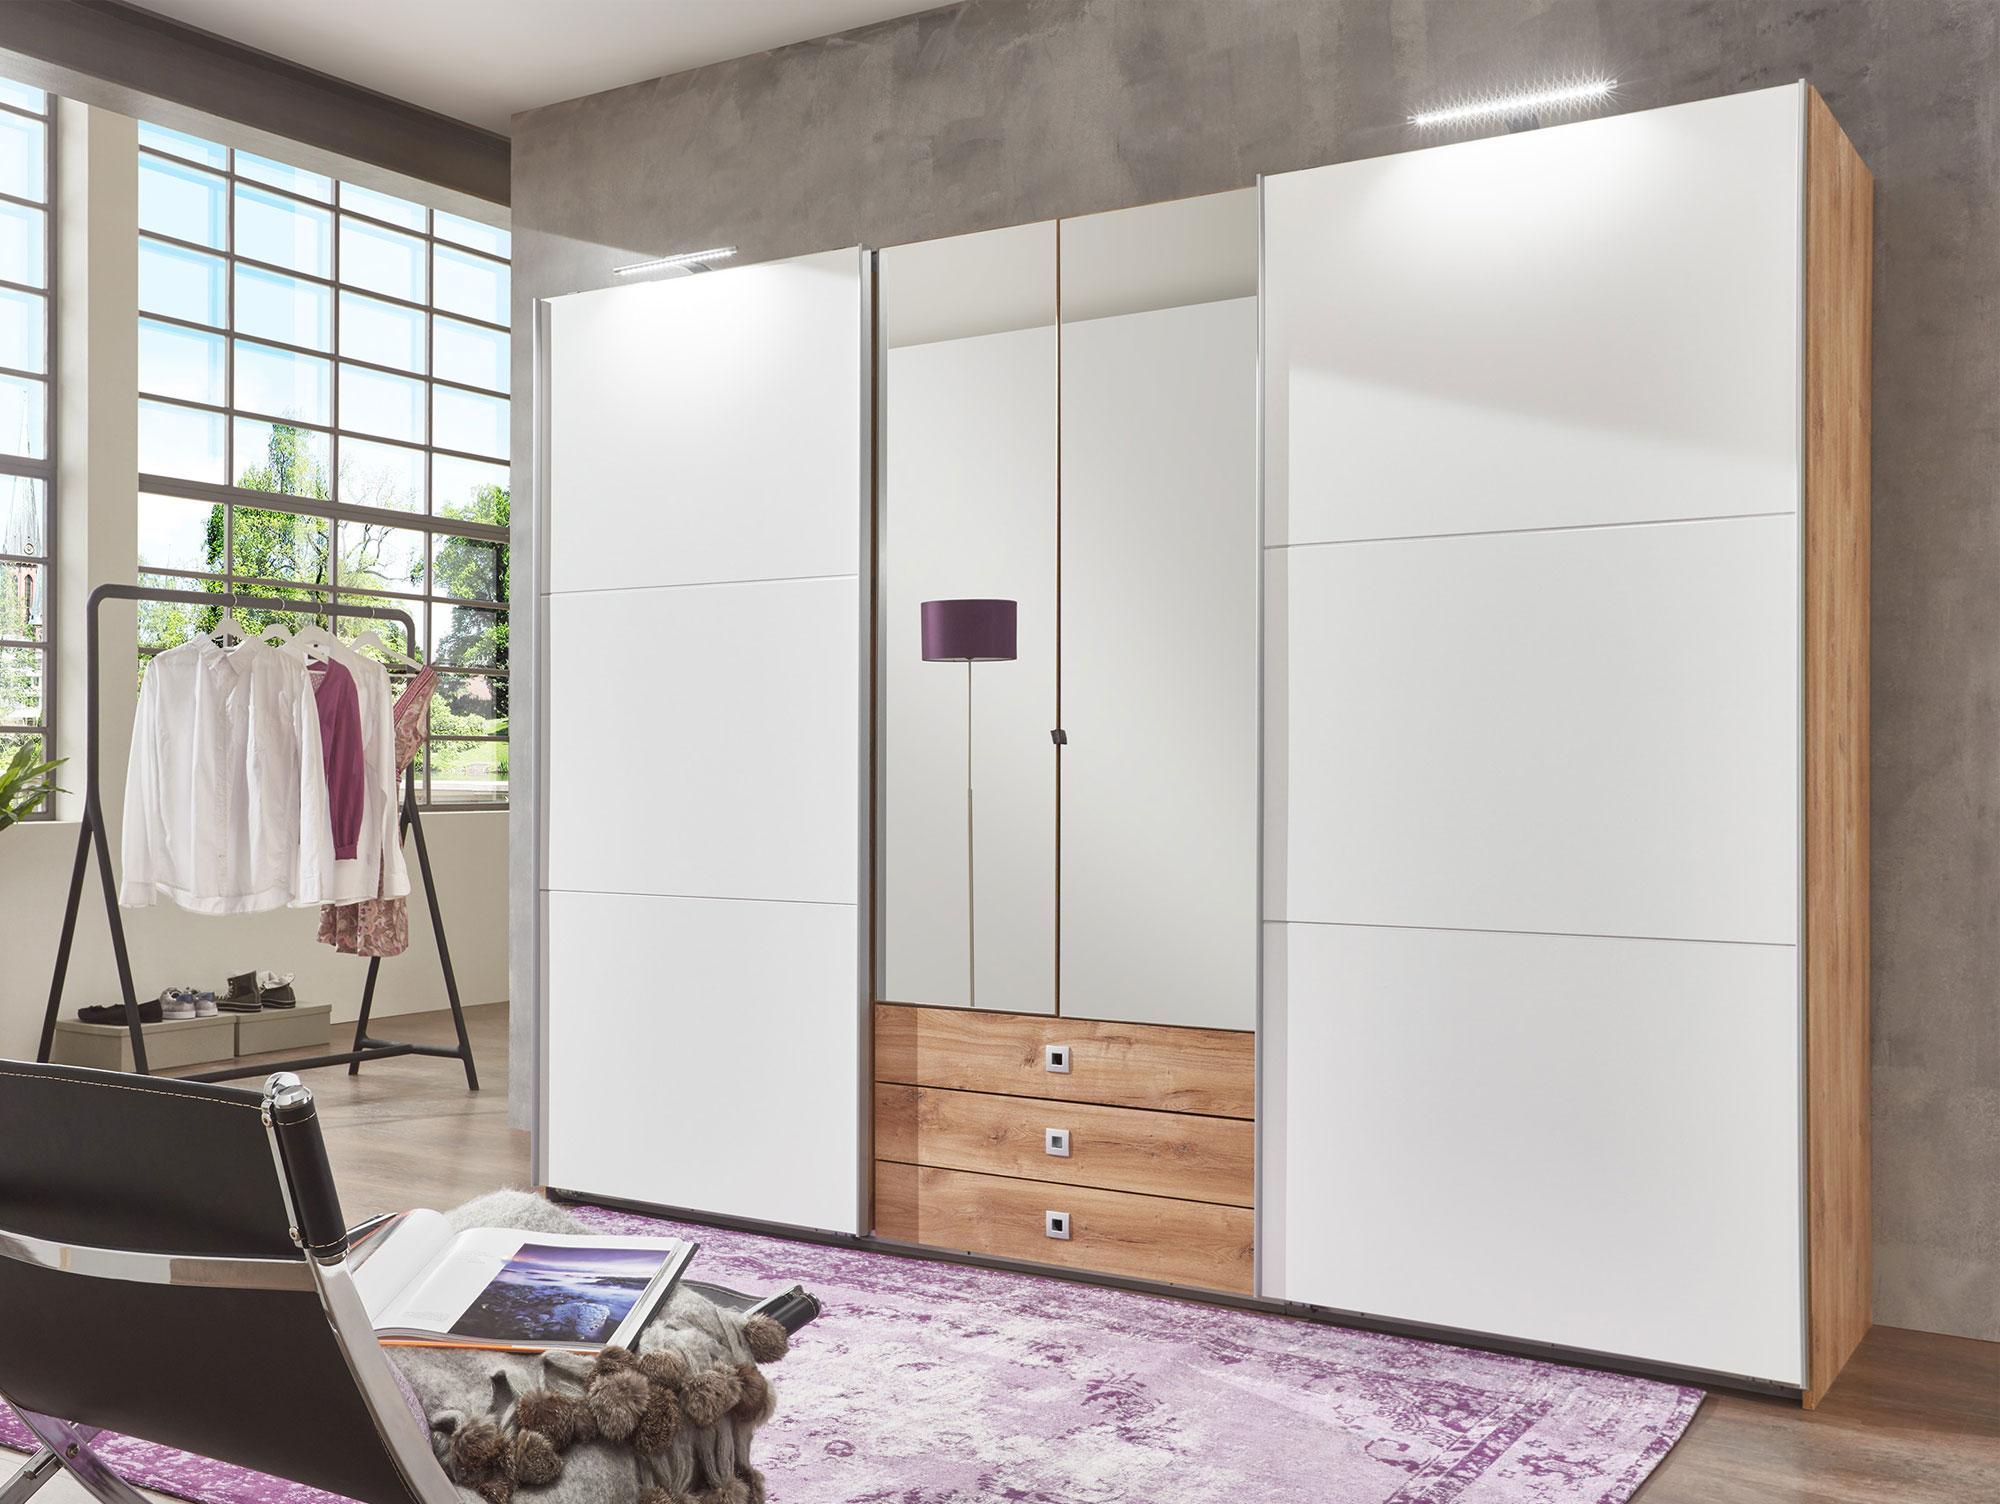 toledo kleiderschrank schwebe dreht renschrank plankeneiche weiss inkl spiegel. Black Bedroom Furniture Sets. Home Design Ideas